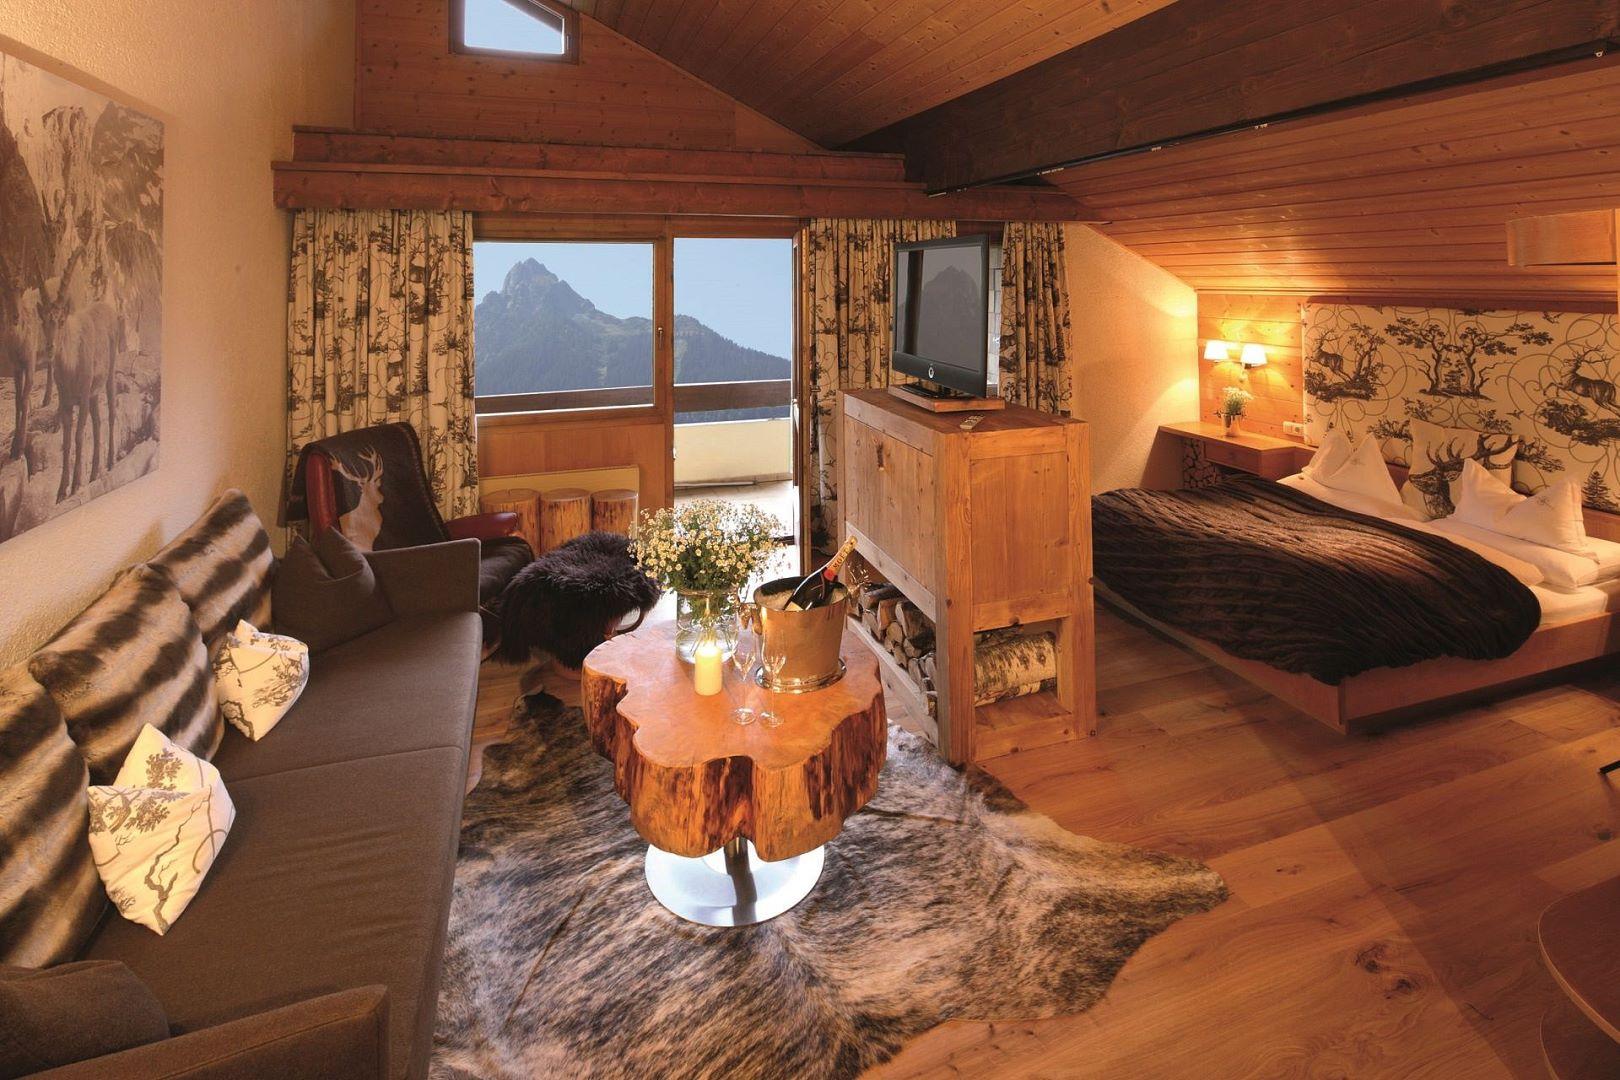 jagdsuite alpenrose in schruns montafon vorarlberg. Black Bedroom Furniture Sets. Home Design Ideas